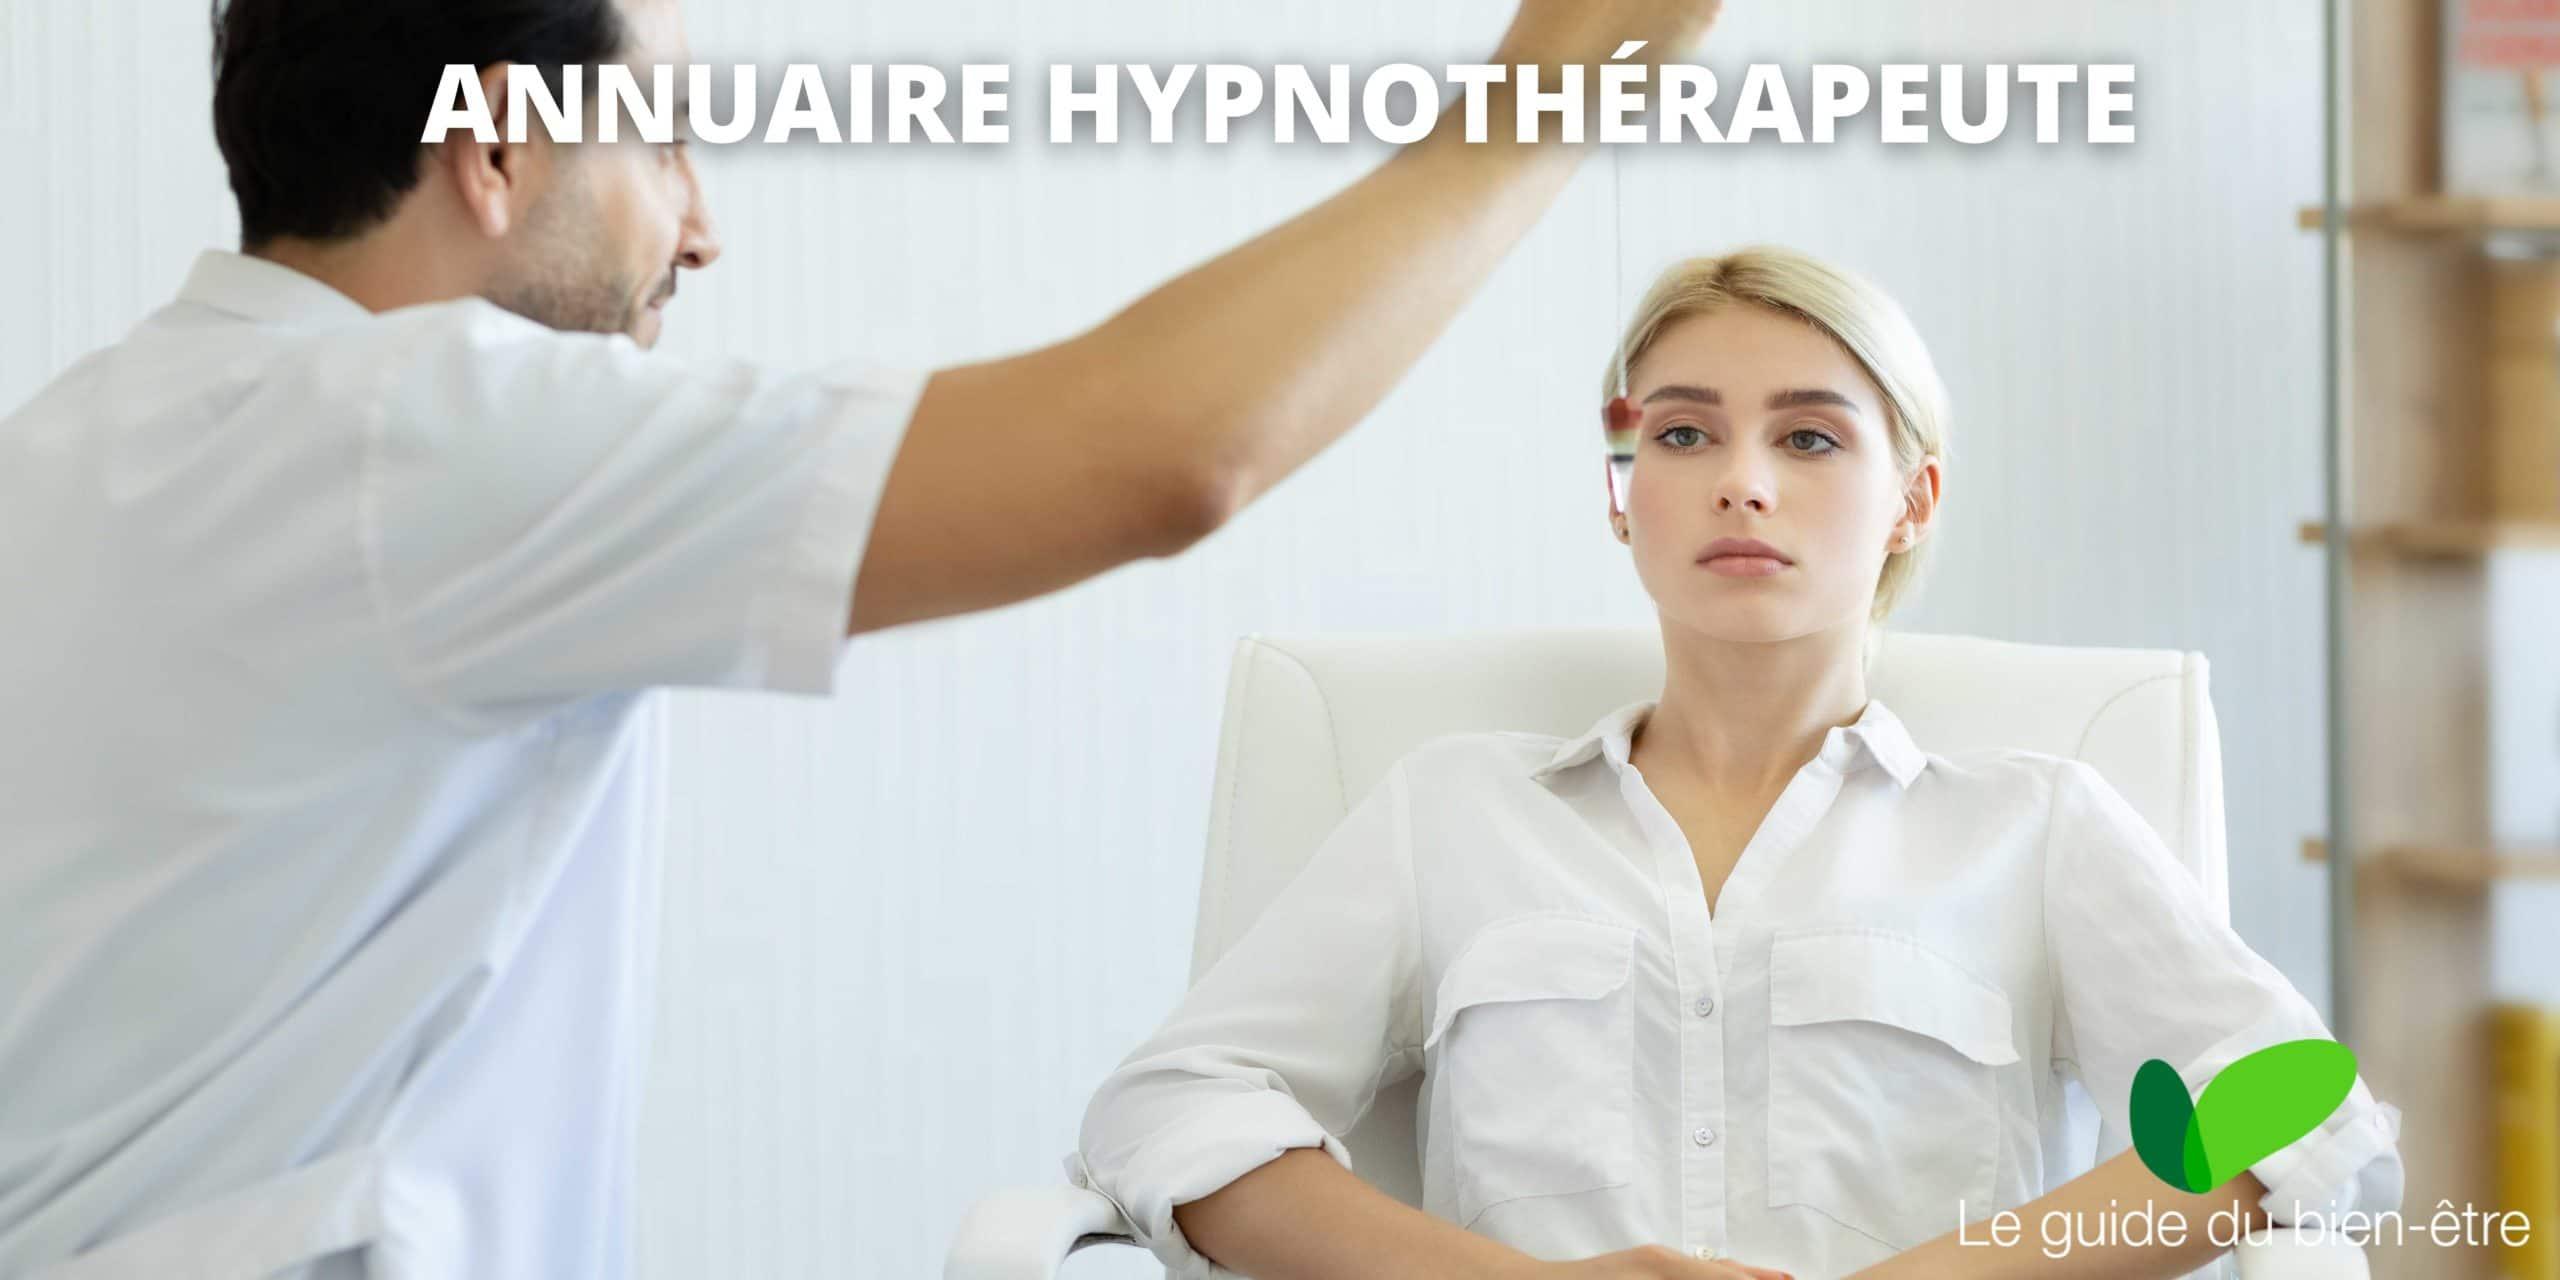 Annuaire hypnothérapeute, comment se faire connaître